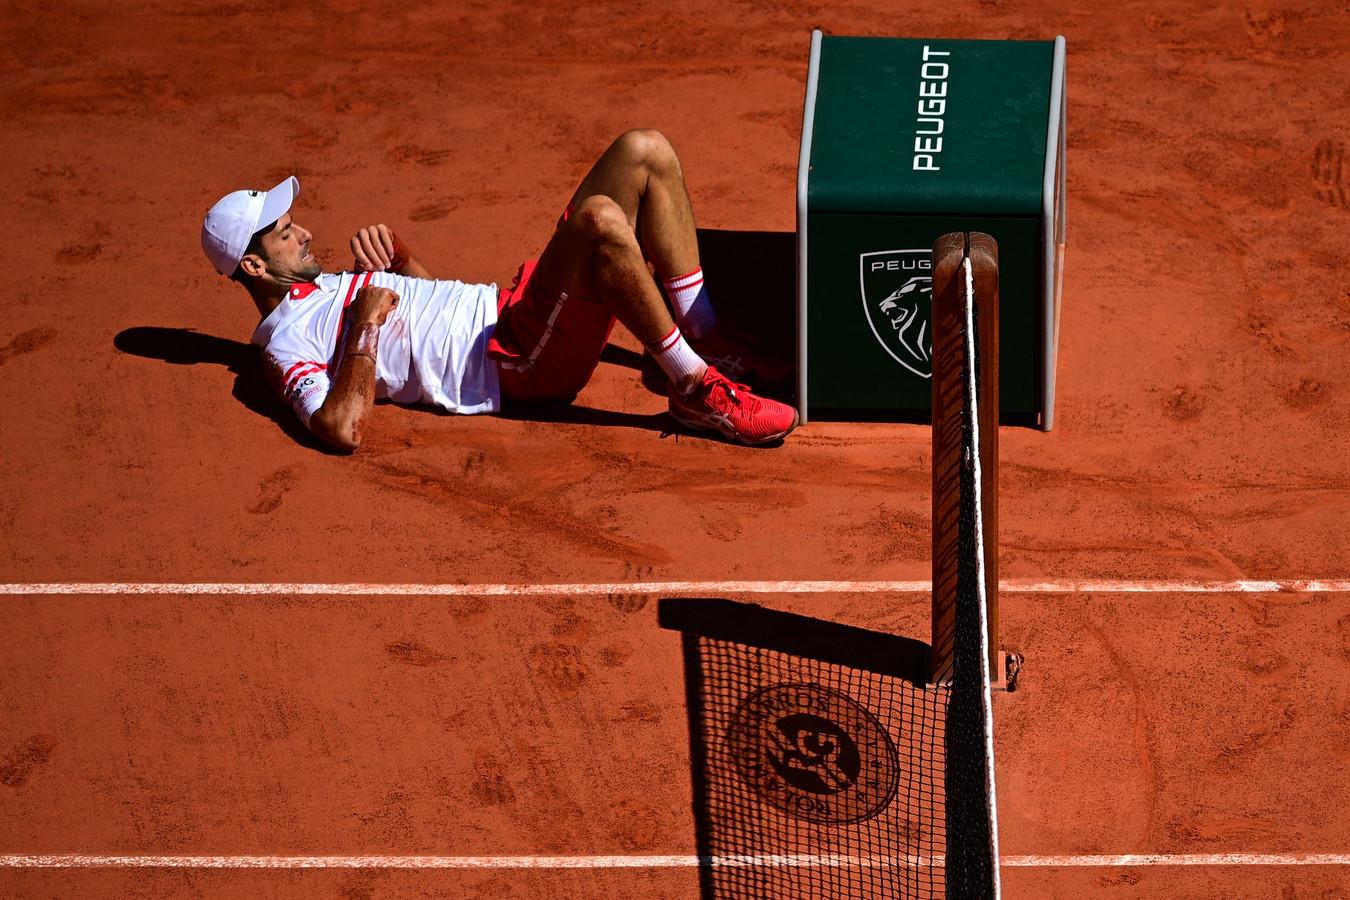 Ook een glijpartij kon Novak Djokovic niet uit zijn concentratie brengen.